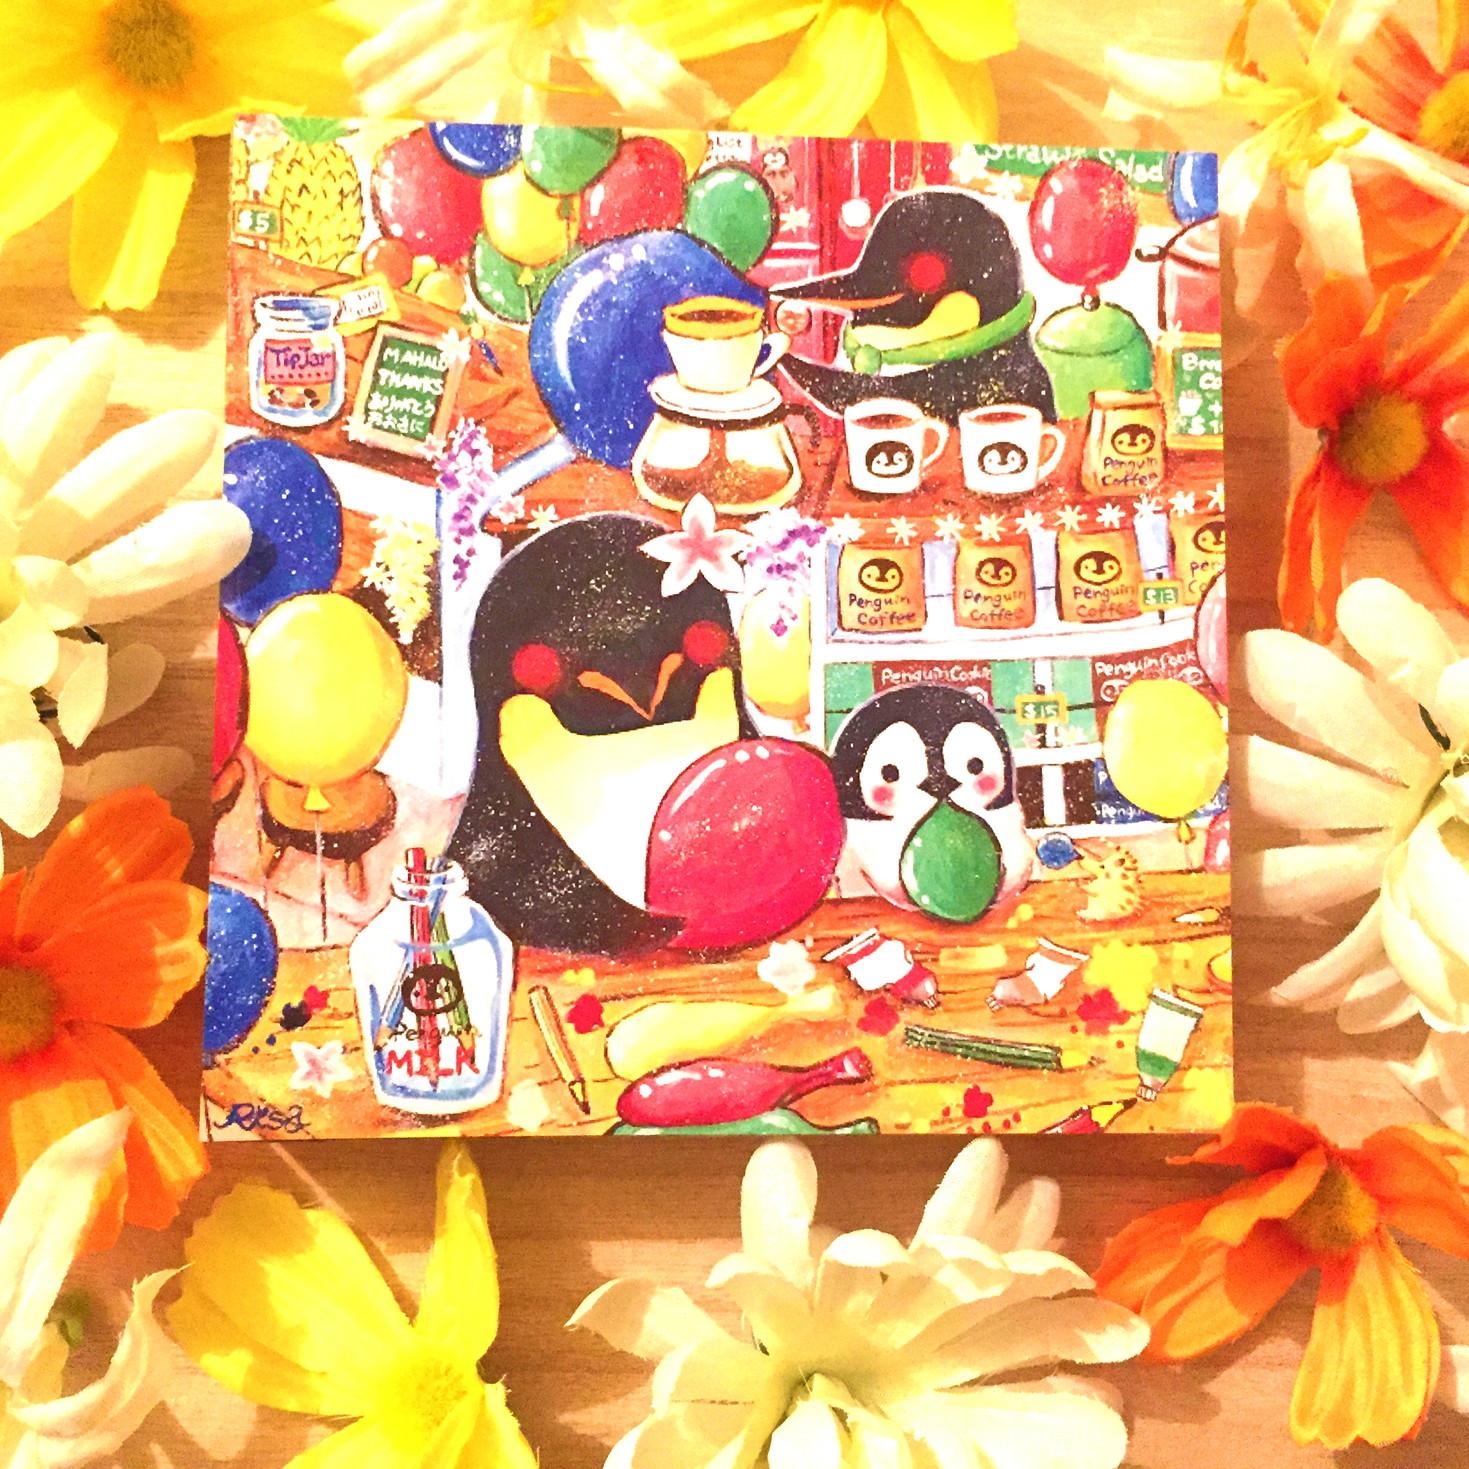 絵画 インテリア アートパネル 雑貨 壁掛け 置物 おしゃれ イラスト ペンギン 動物 ロココロ 画家 : 高井 りさ 作品 : ペンギンが空飛ぶ方法を知ってる?